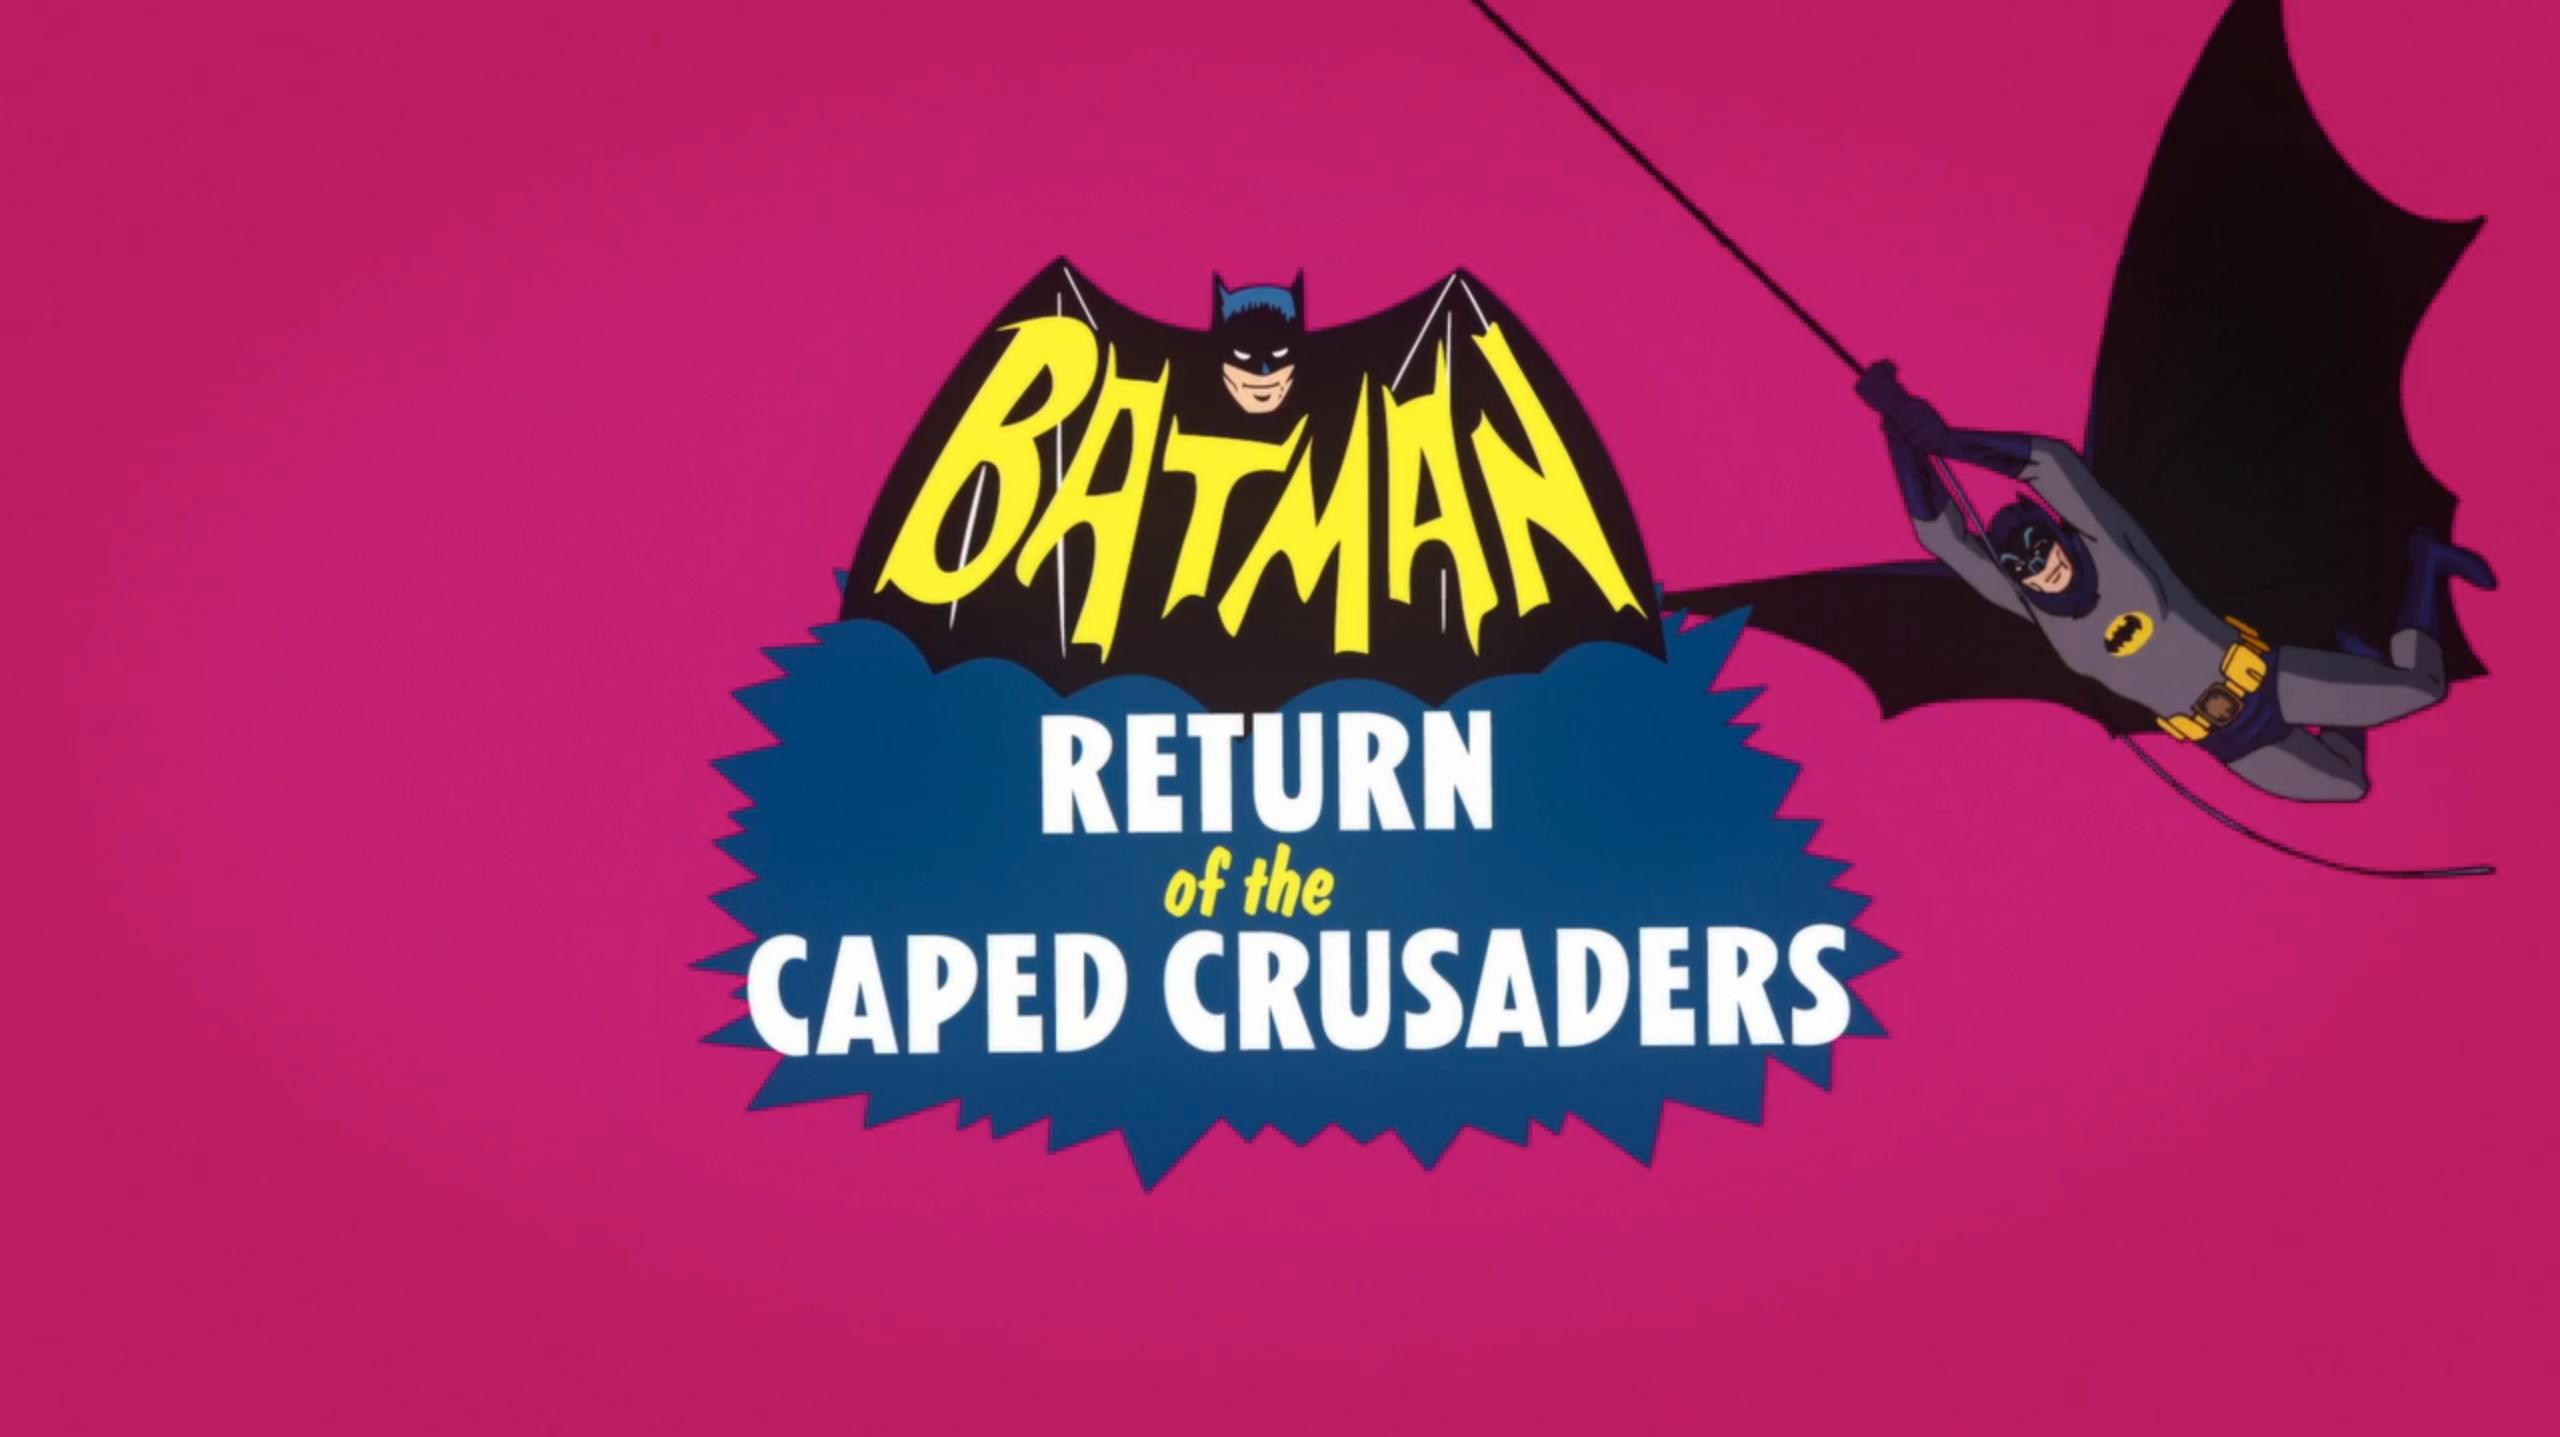 batmancapedcrusaders